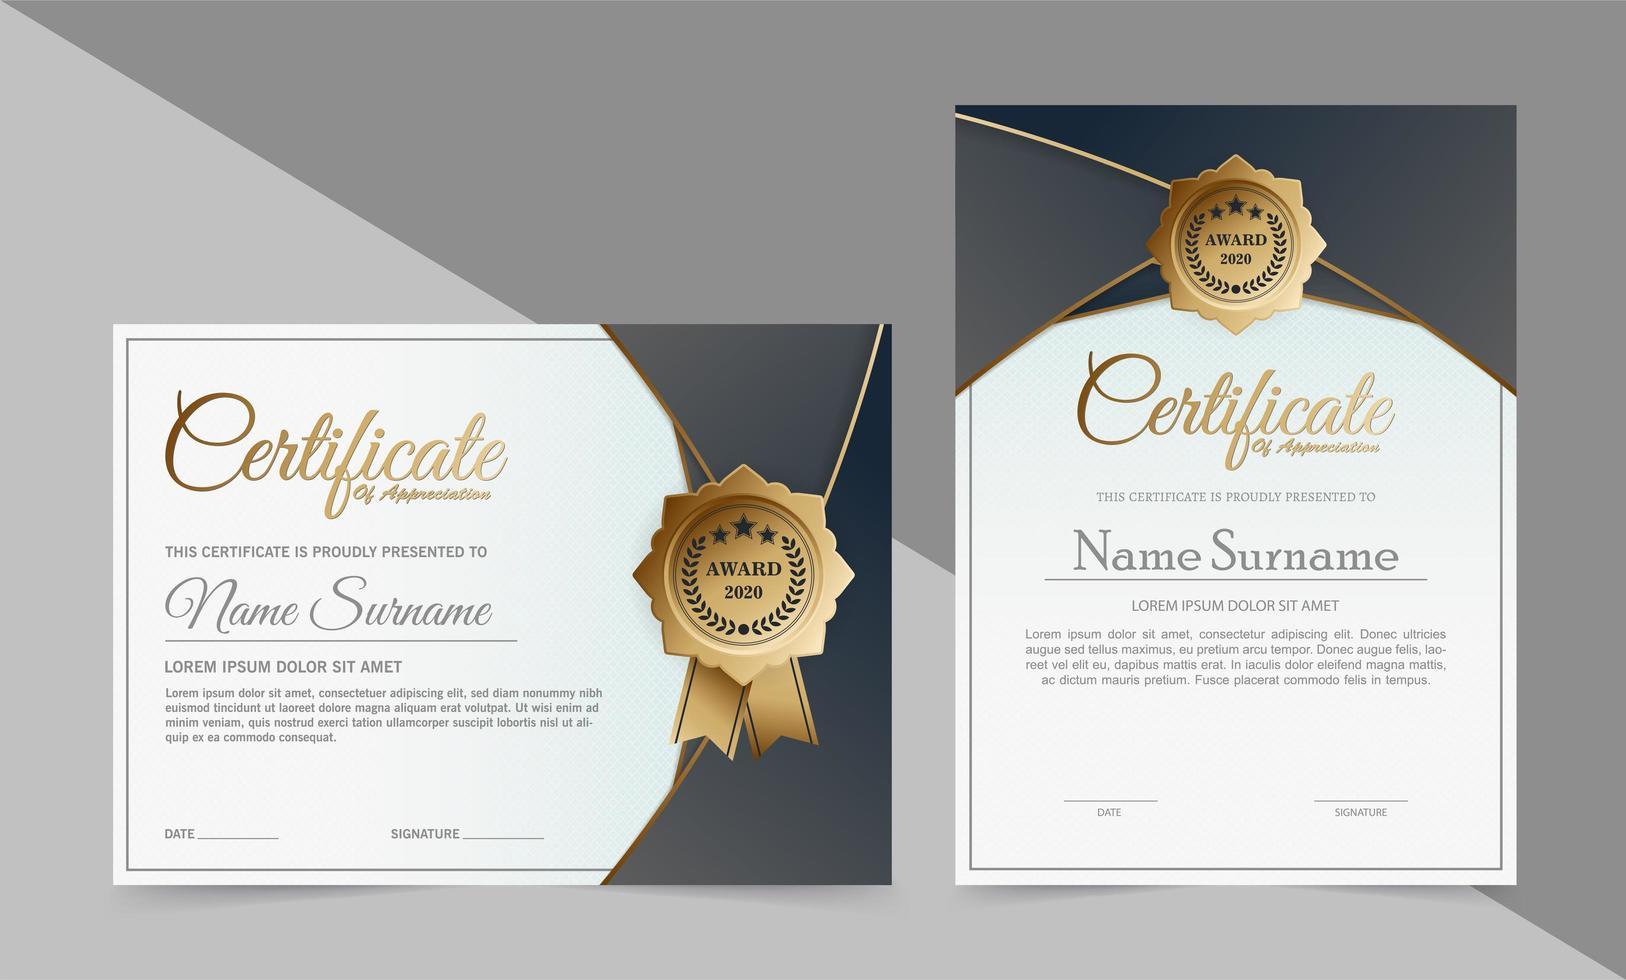 diseños de certificado moderno gris y blanco vector